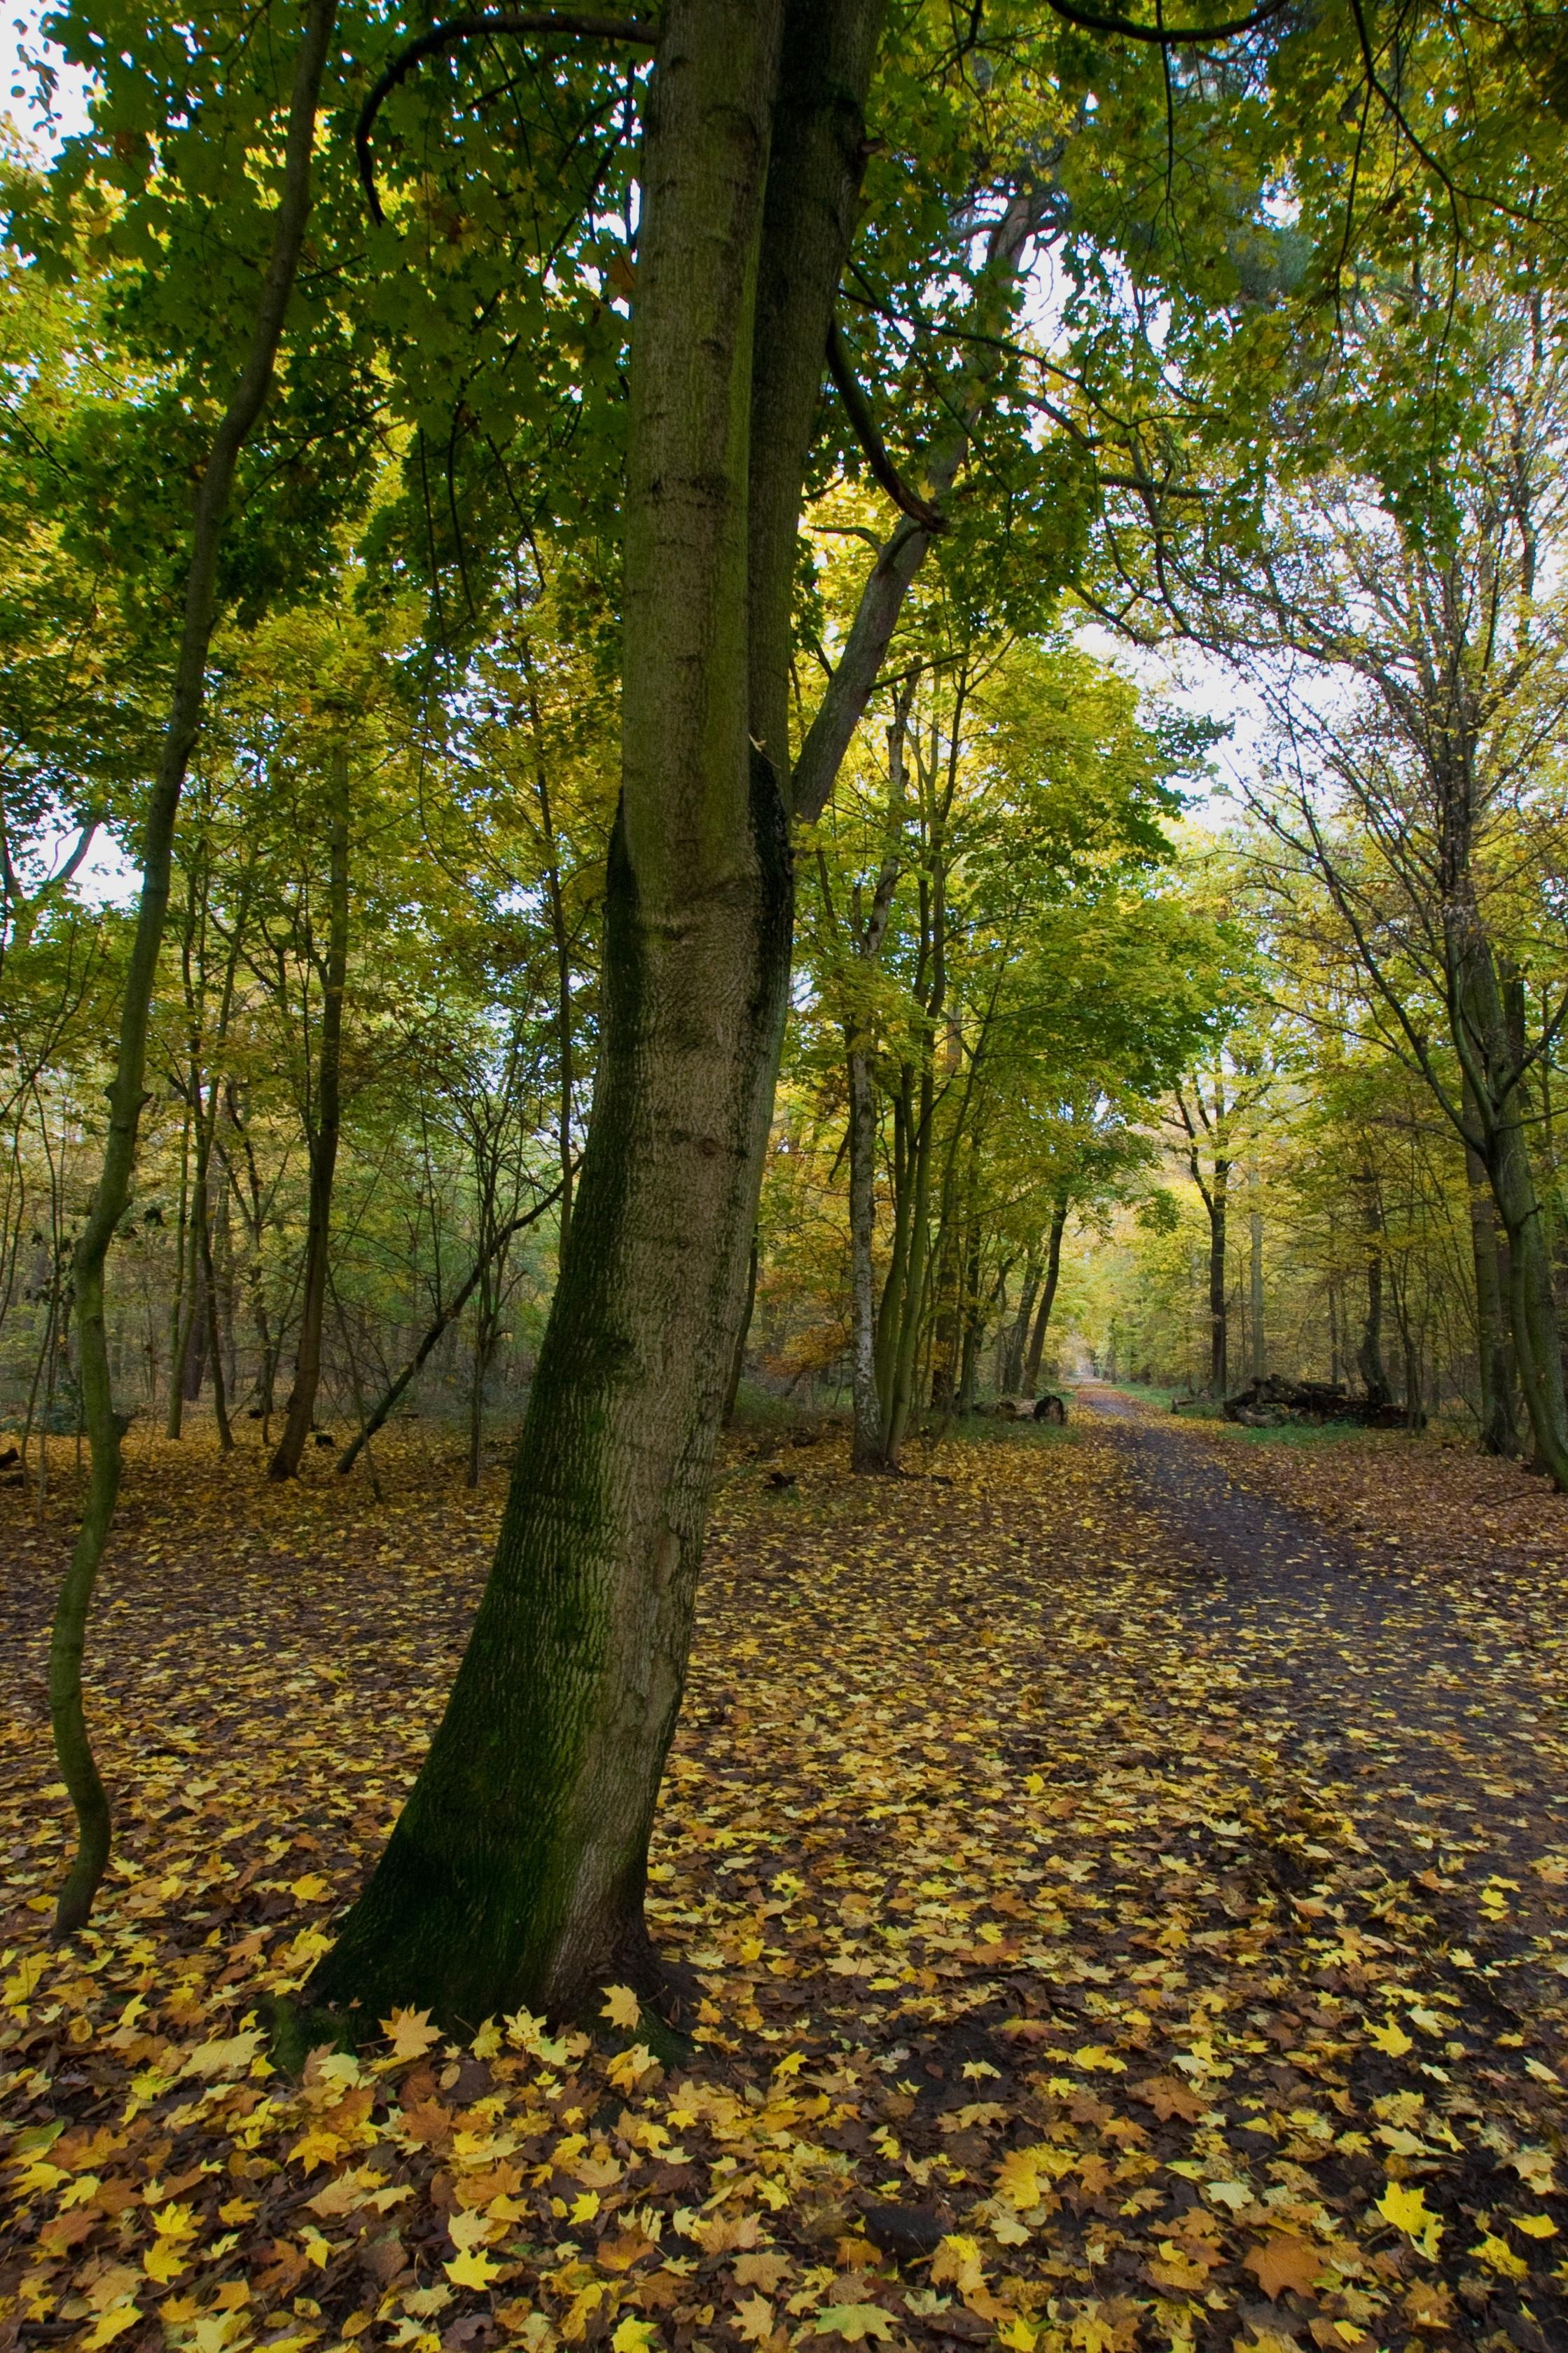 Kostenlose foto : Baum, Natur, Wald, Ast, Wiese, Sonnenlicht, Blatt ...